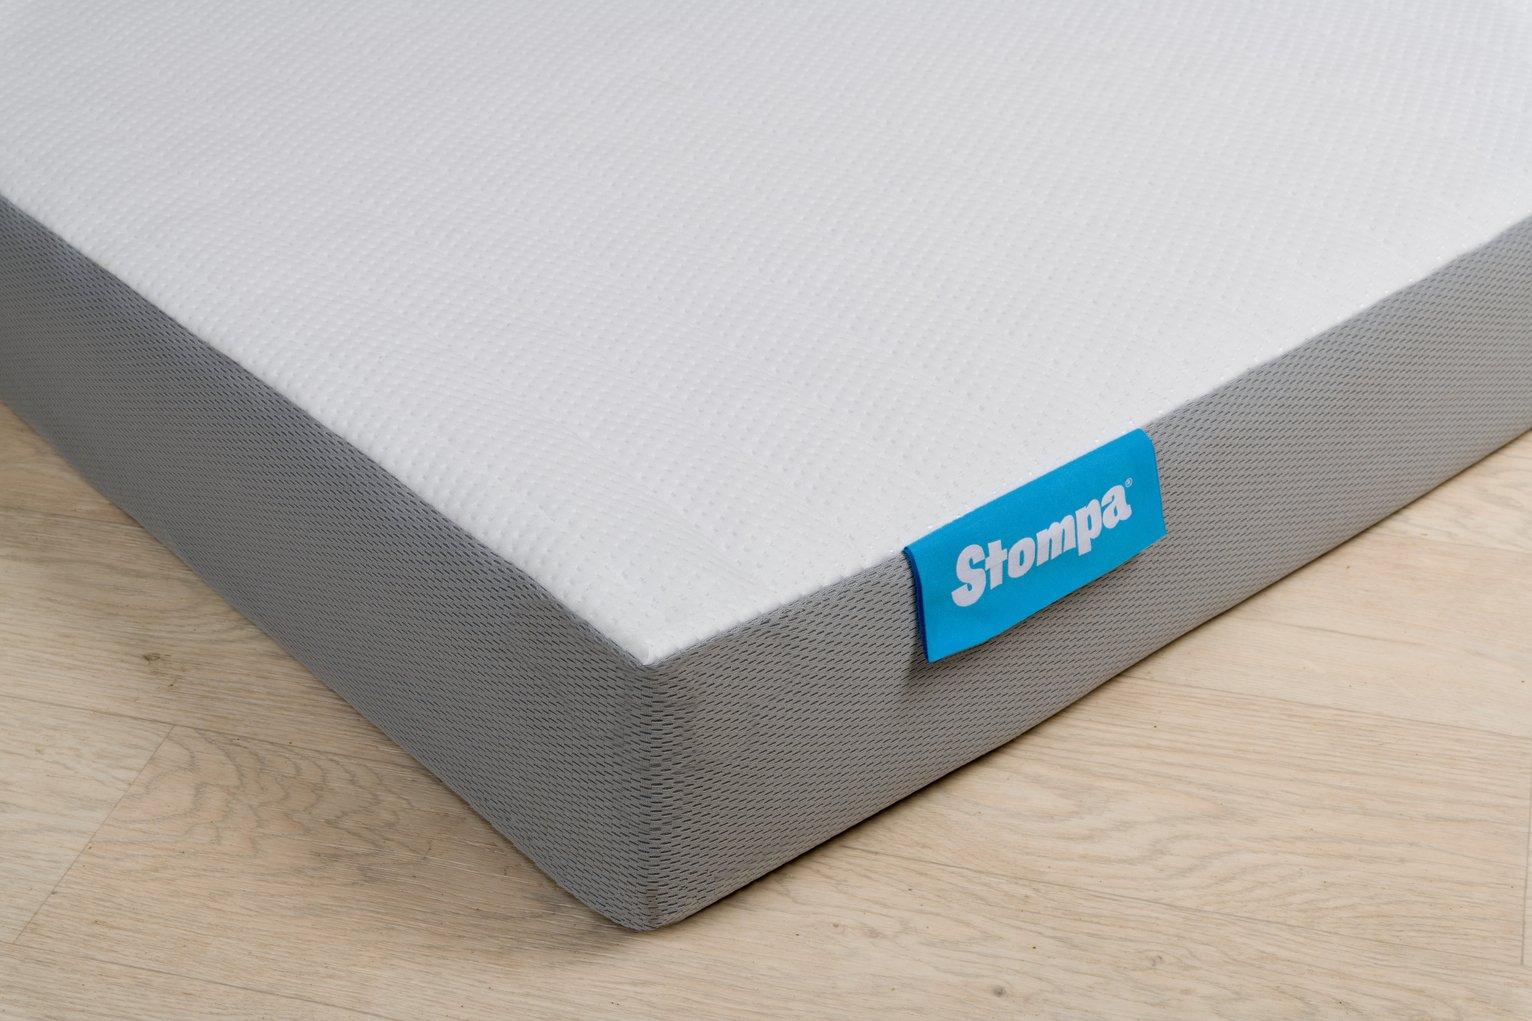 Stompa s flex air flow mattress - single